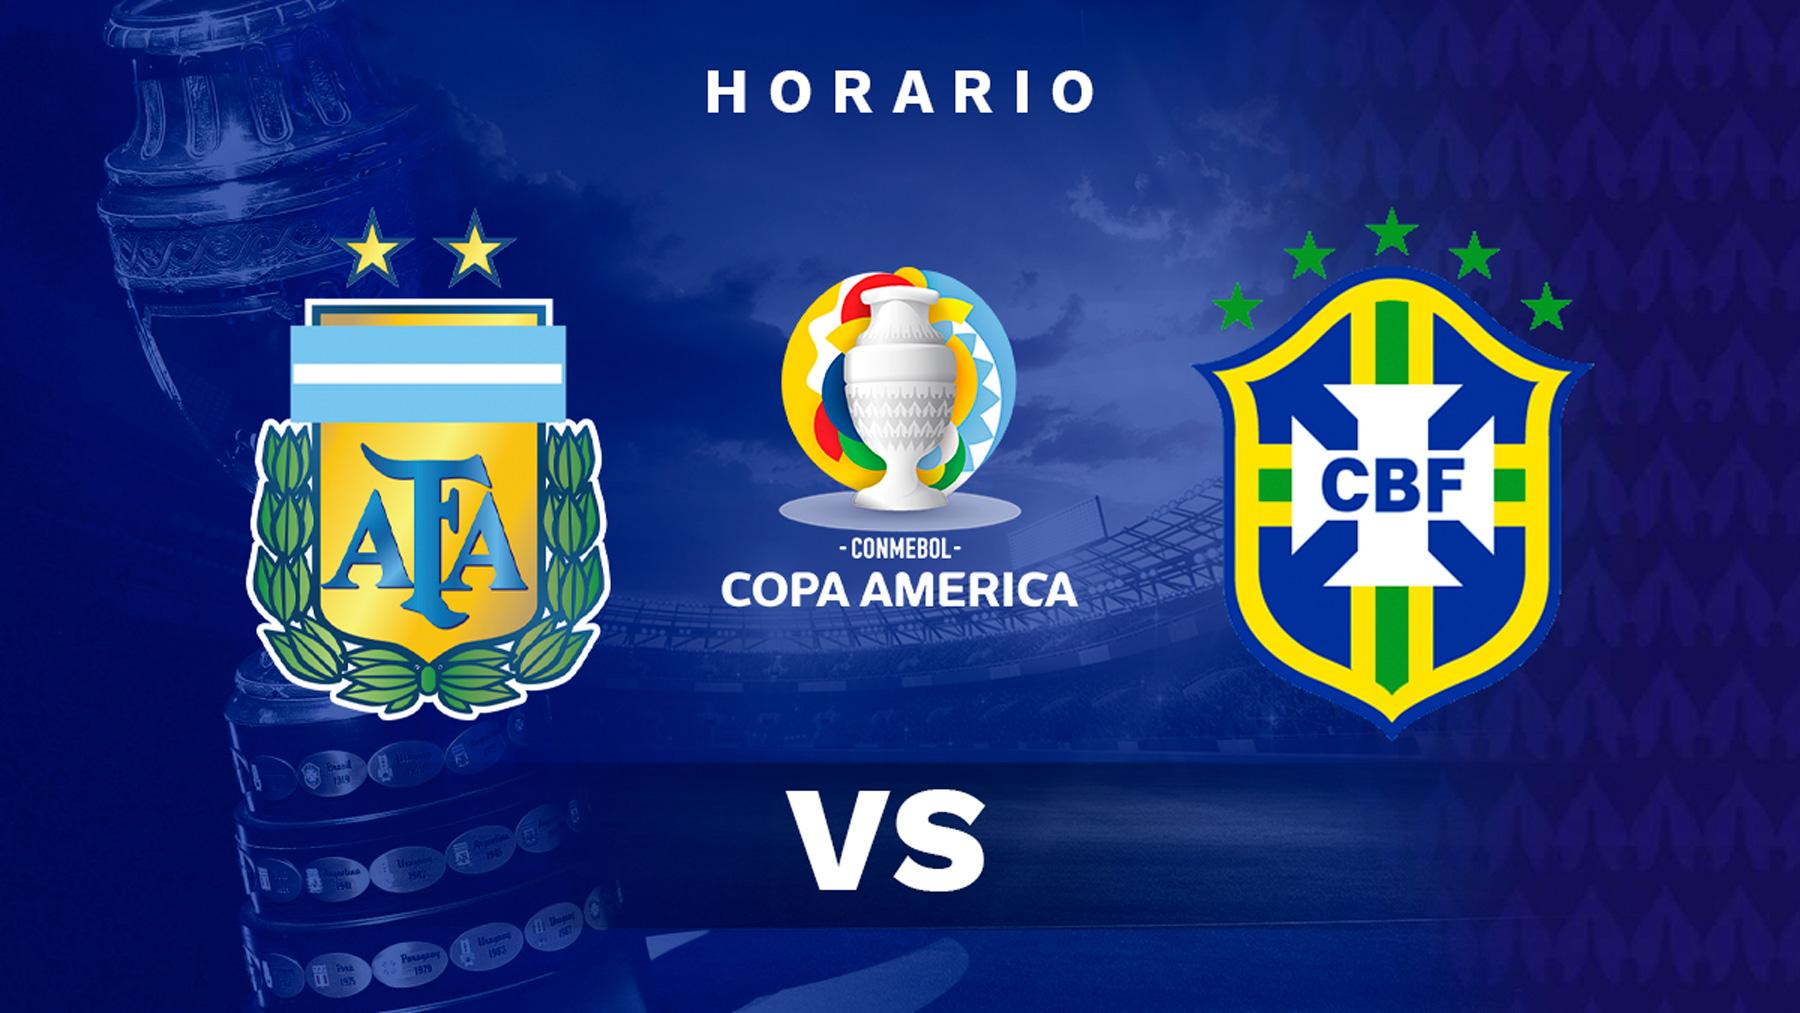 Copa América 2021: Argentina – Brasil| Horario del partido de fútbol de la Copa América.